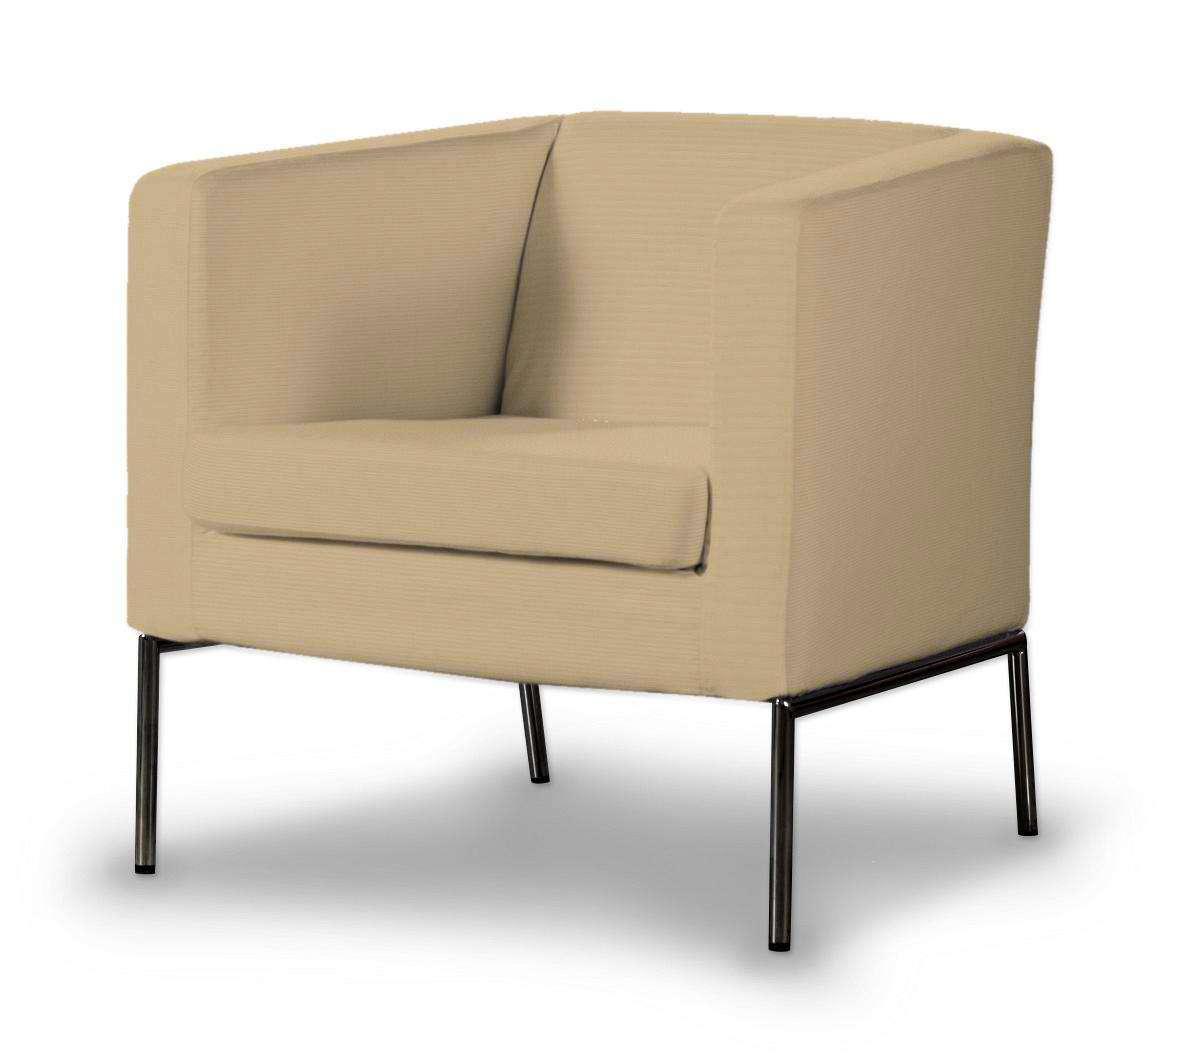 Pokrowiec na fotel Klappsta Fotel Klappsta w kolekcji Cotton Panama, tkanina: 702-01